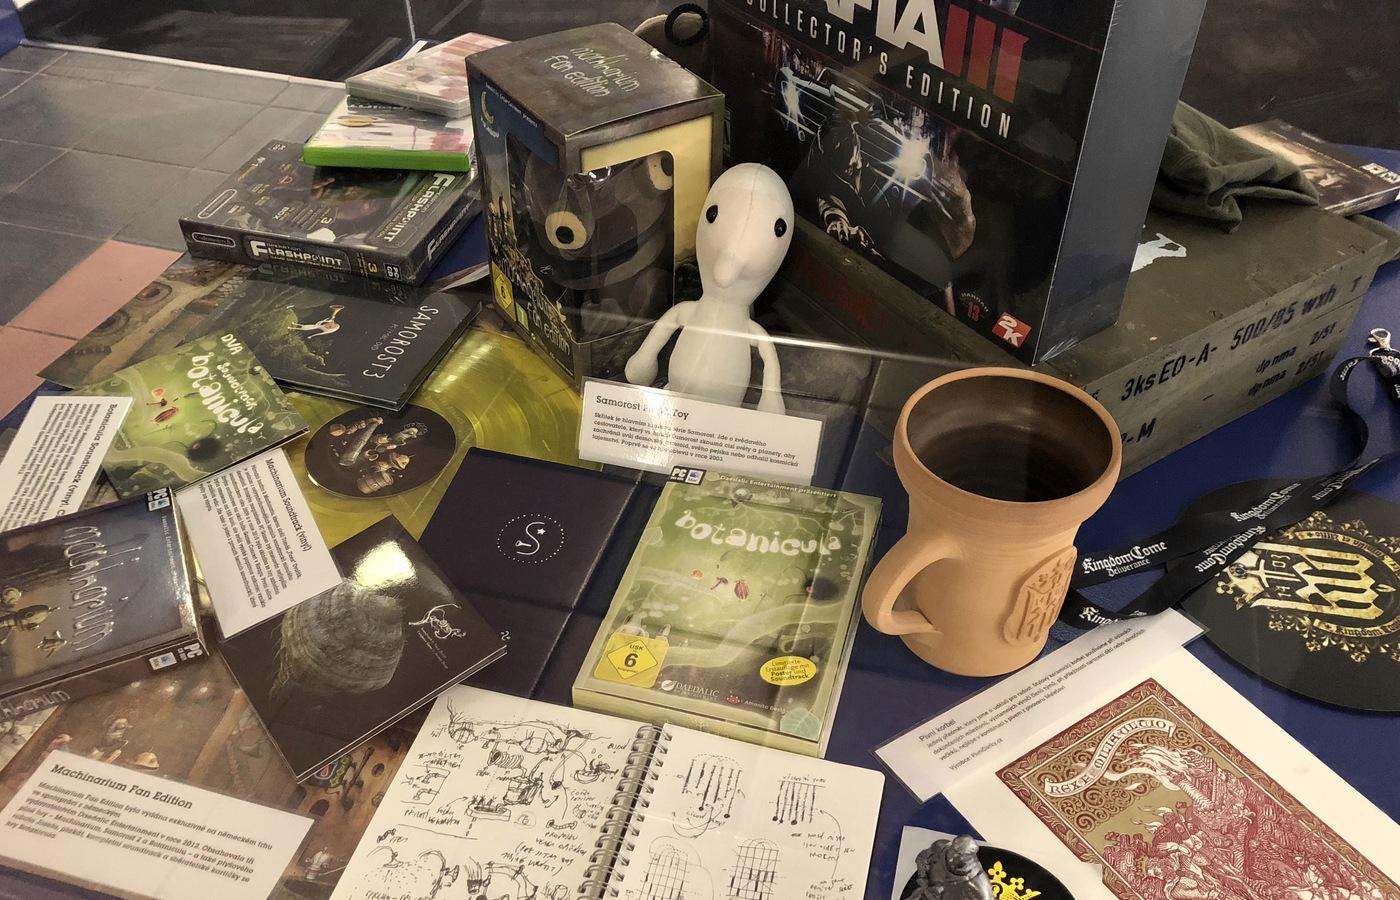 Plyšové figurky, sběratelské kartičky a další upomínkové předměty ke hrám Machinarium a Botanicula